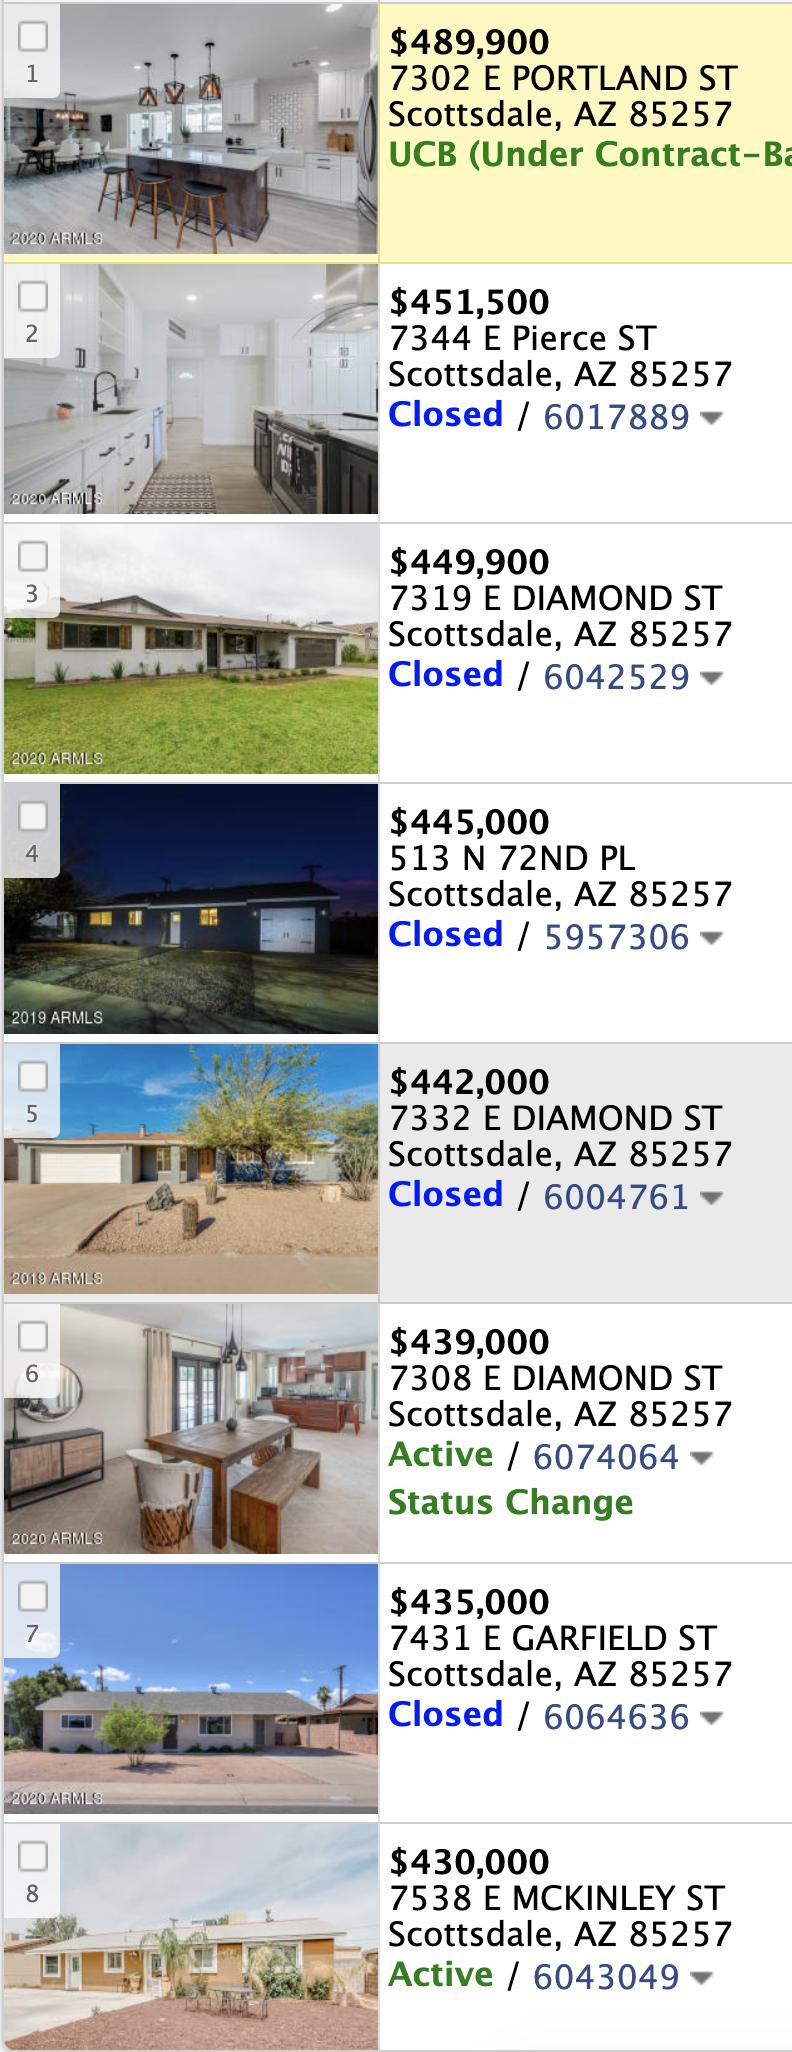 7325 E Papago Dr Scottsdale, AZ 85257 comps list